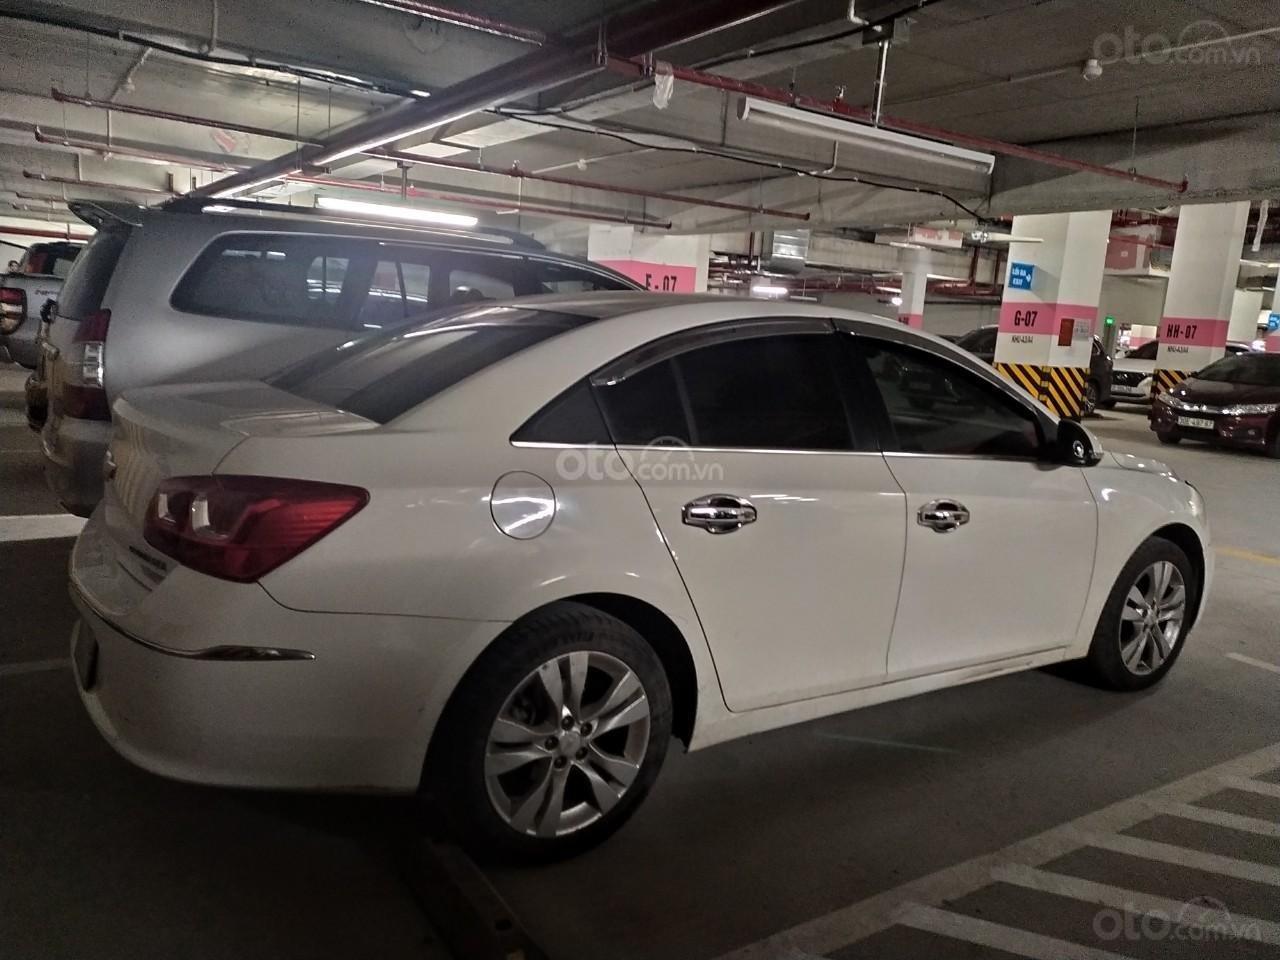 Bán xe Chevrolet Cruze 1.8, trắng, chính chủ, có lộc (3)